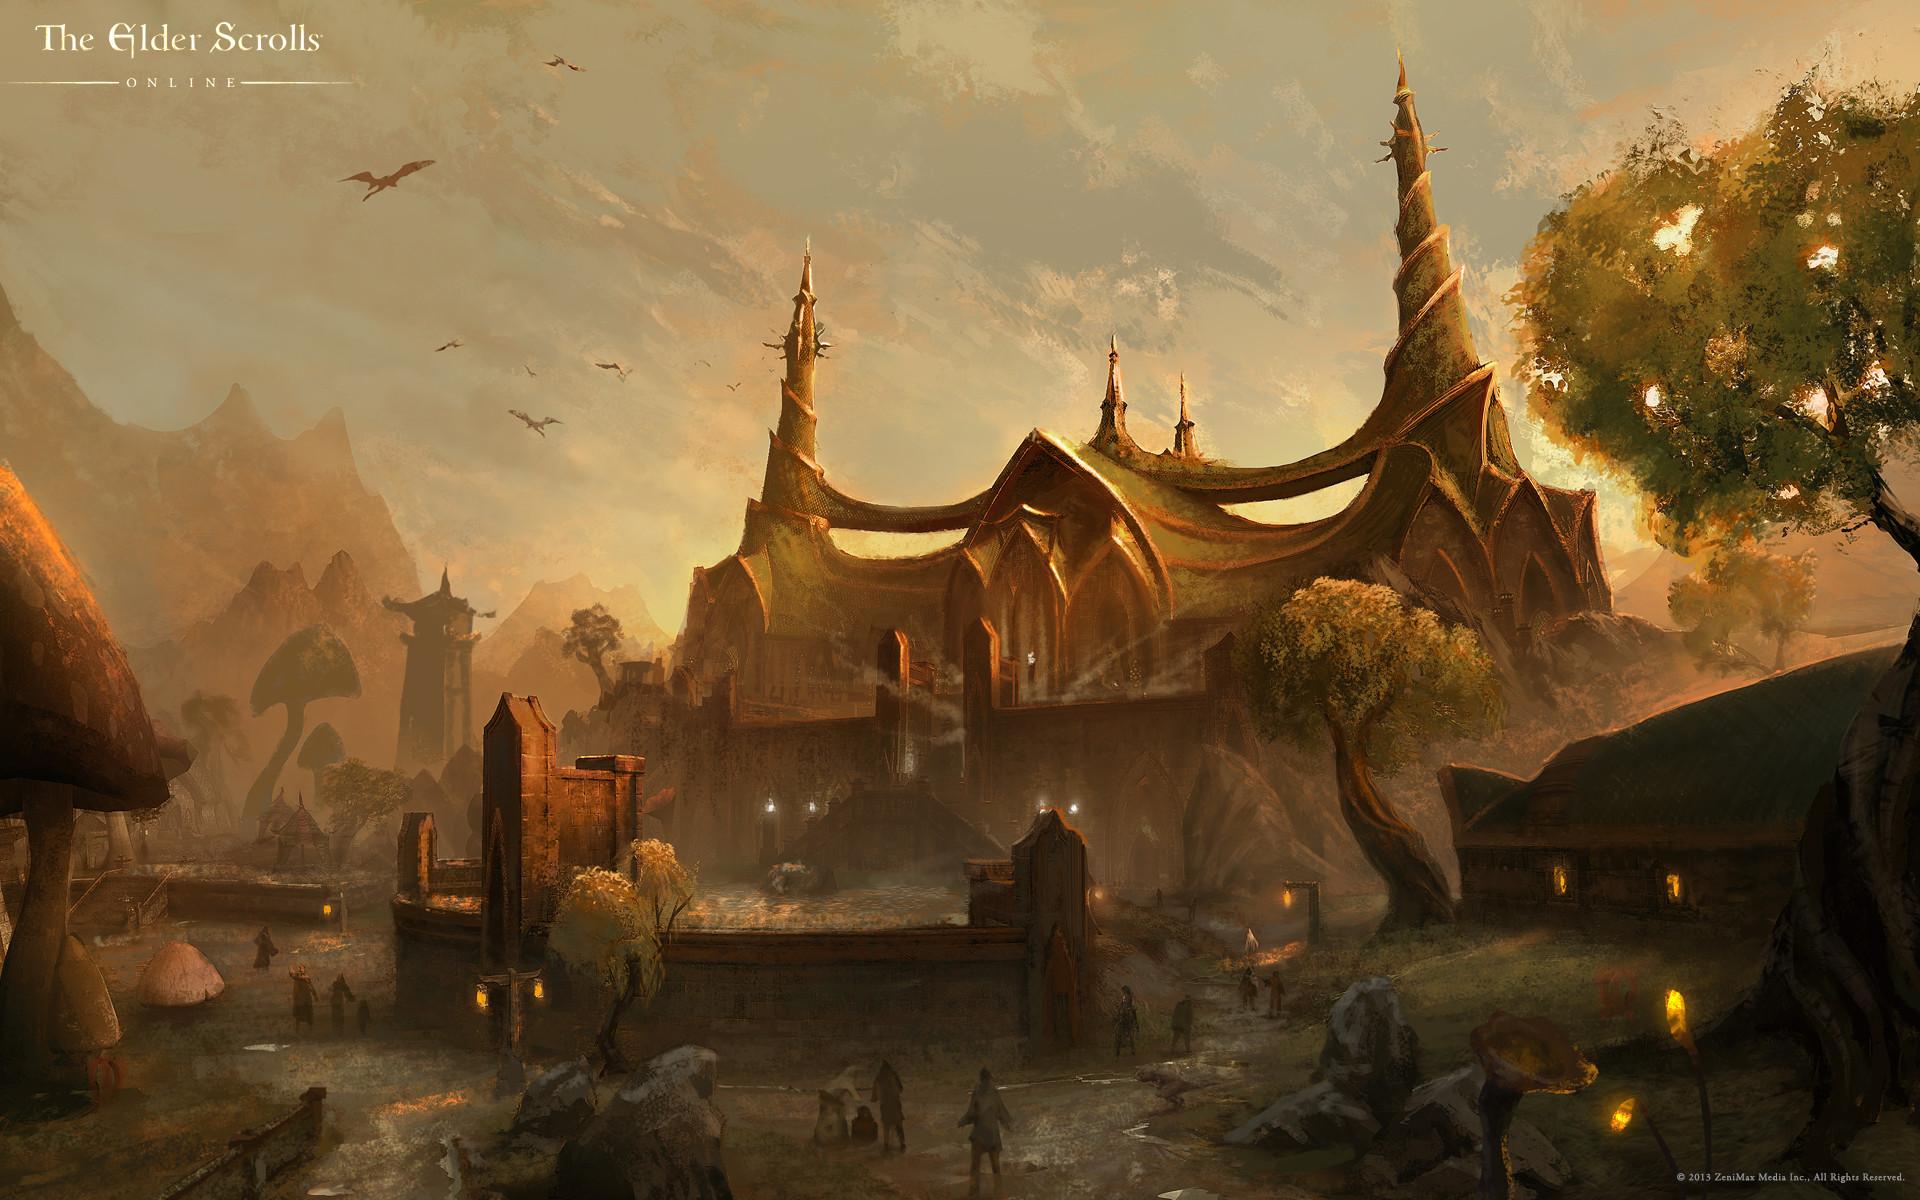 Wallpaper The Elder Scrolls III: Tribunal » The Elder Scrolls: Fan site